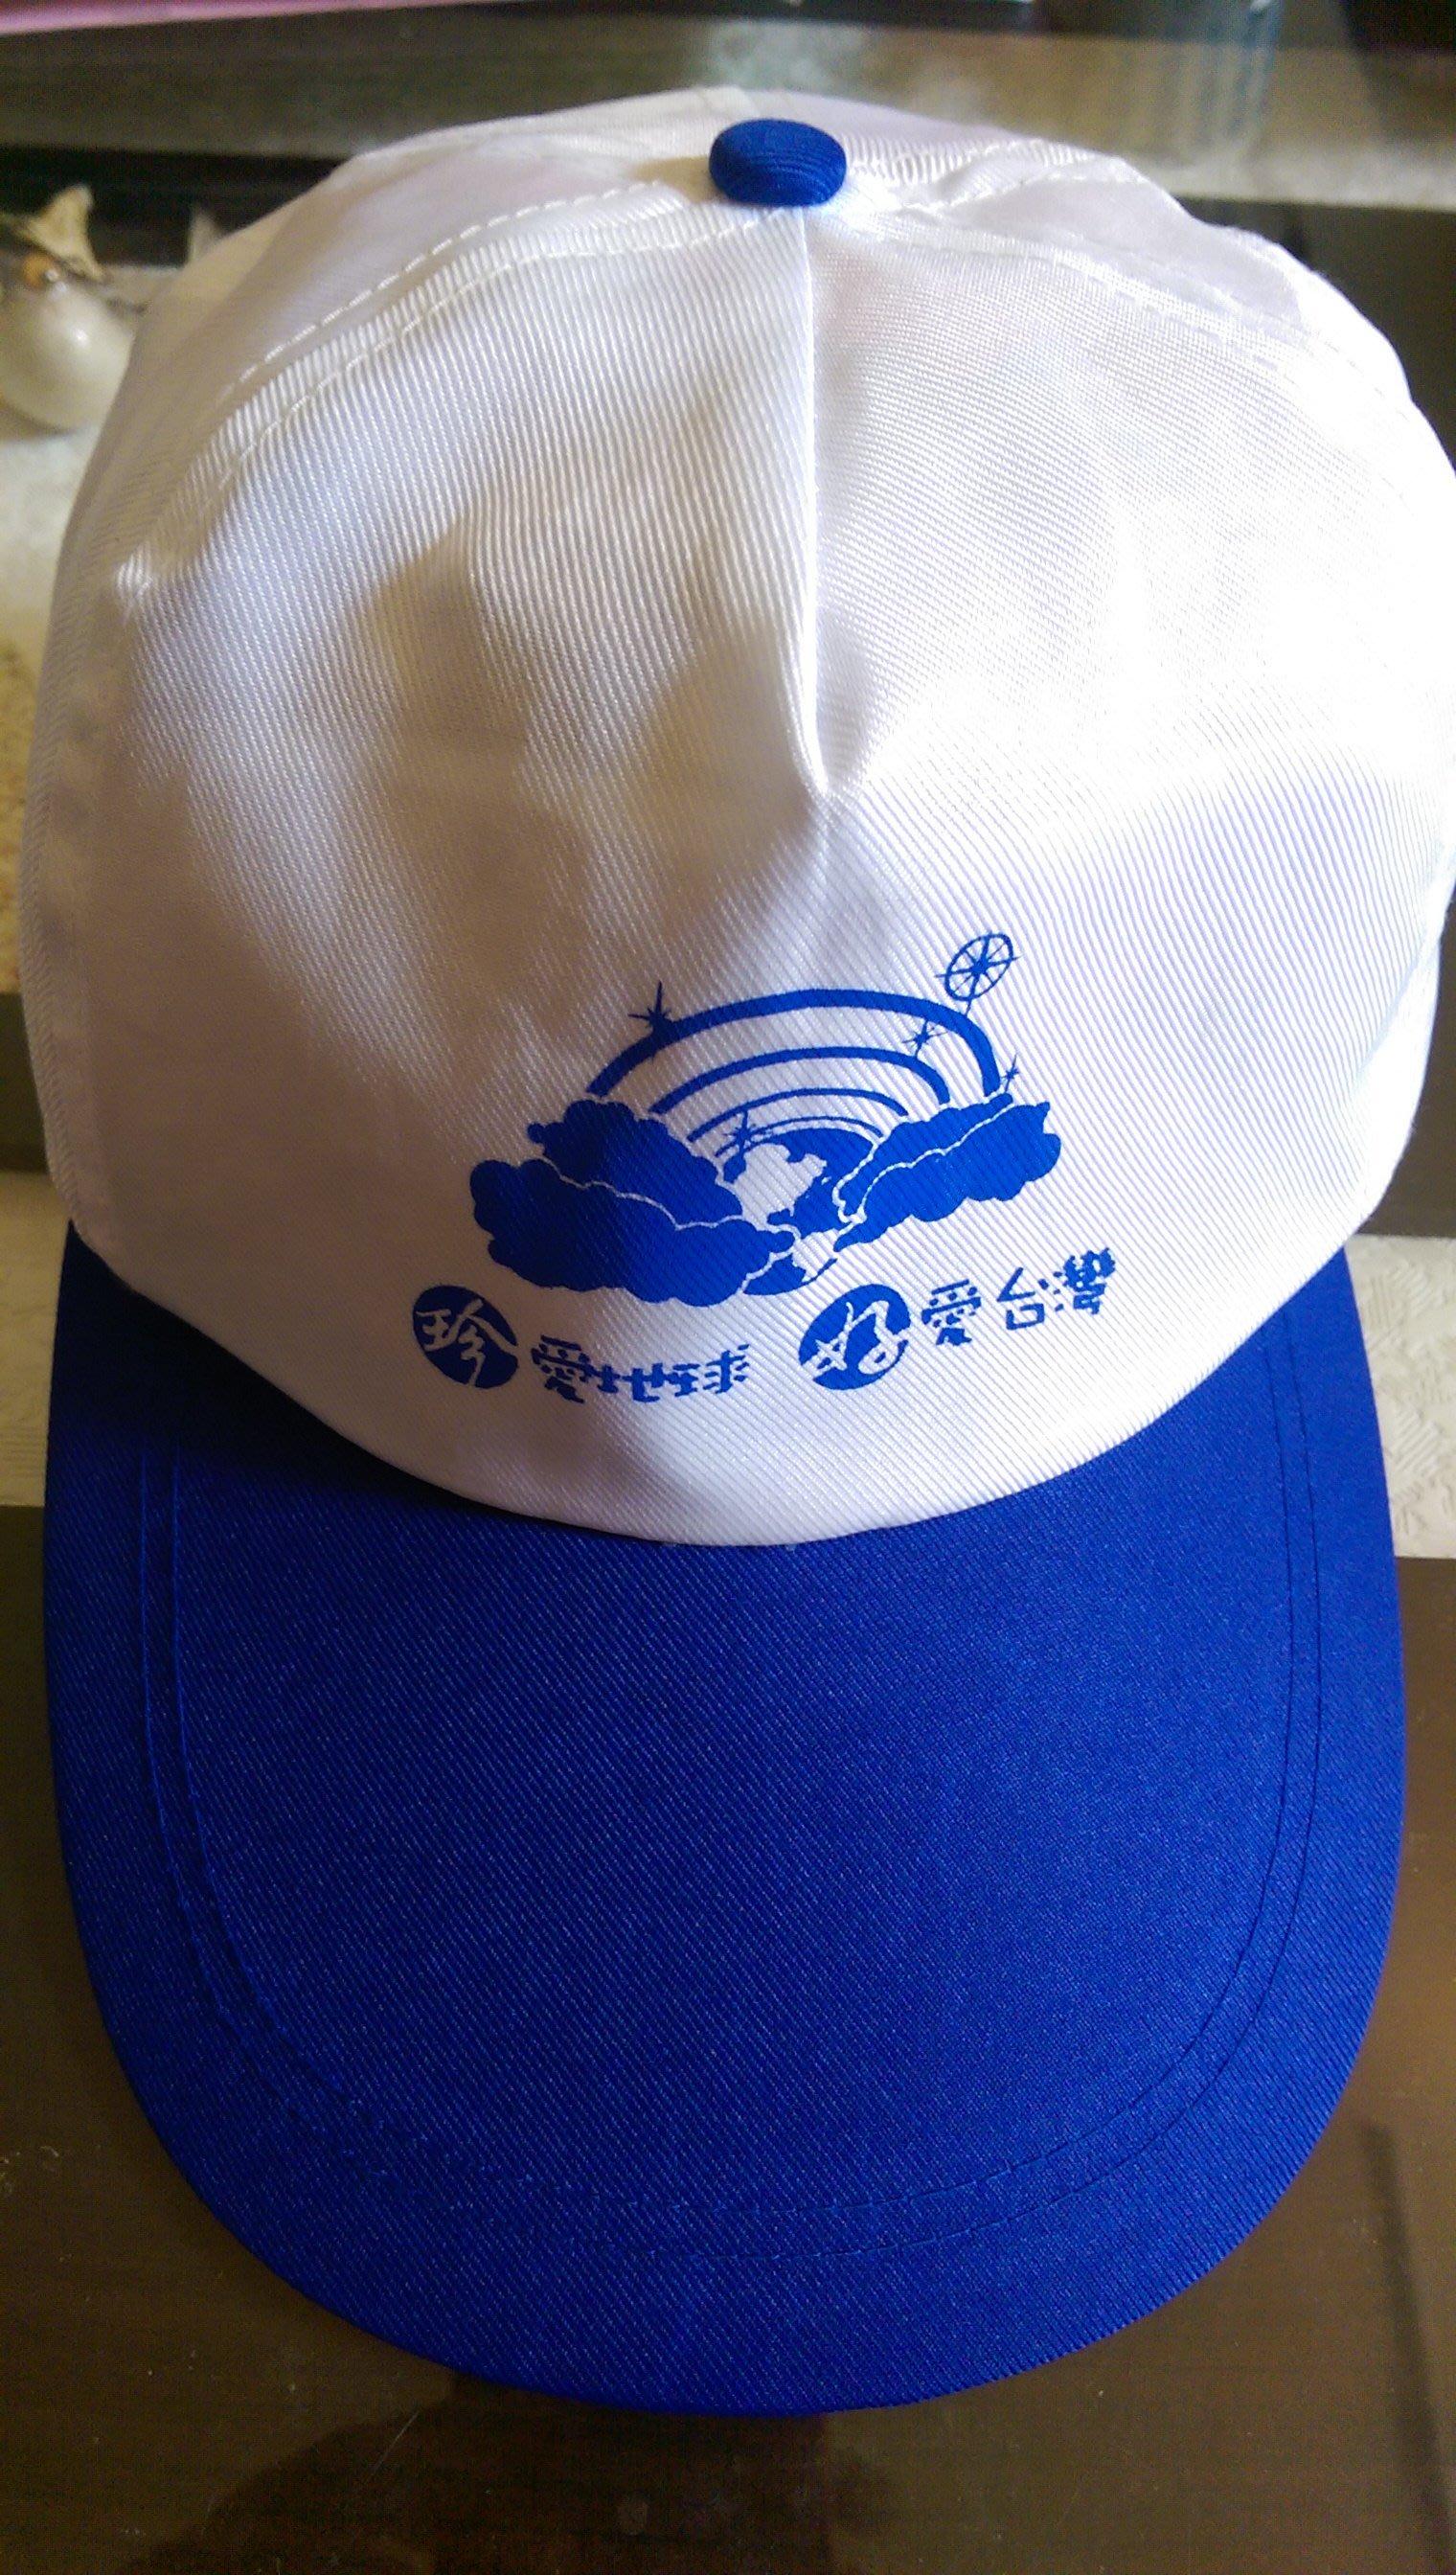 全新 珍愛地球 好愛台灣 紀念帽 棒球帽 藍白色  帽類任購3頂享8折優惠